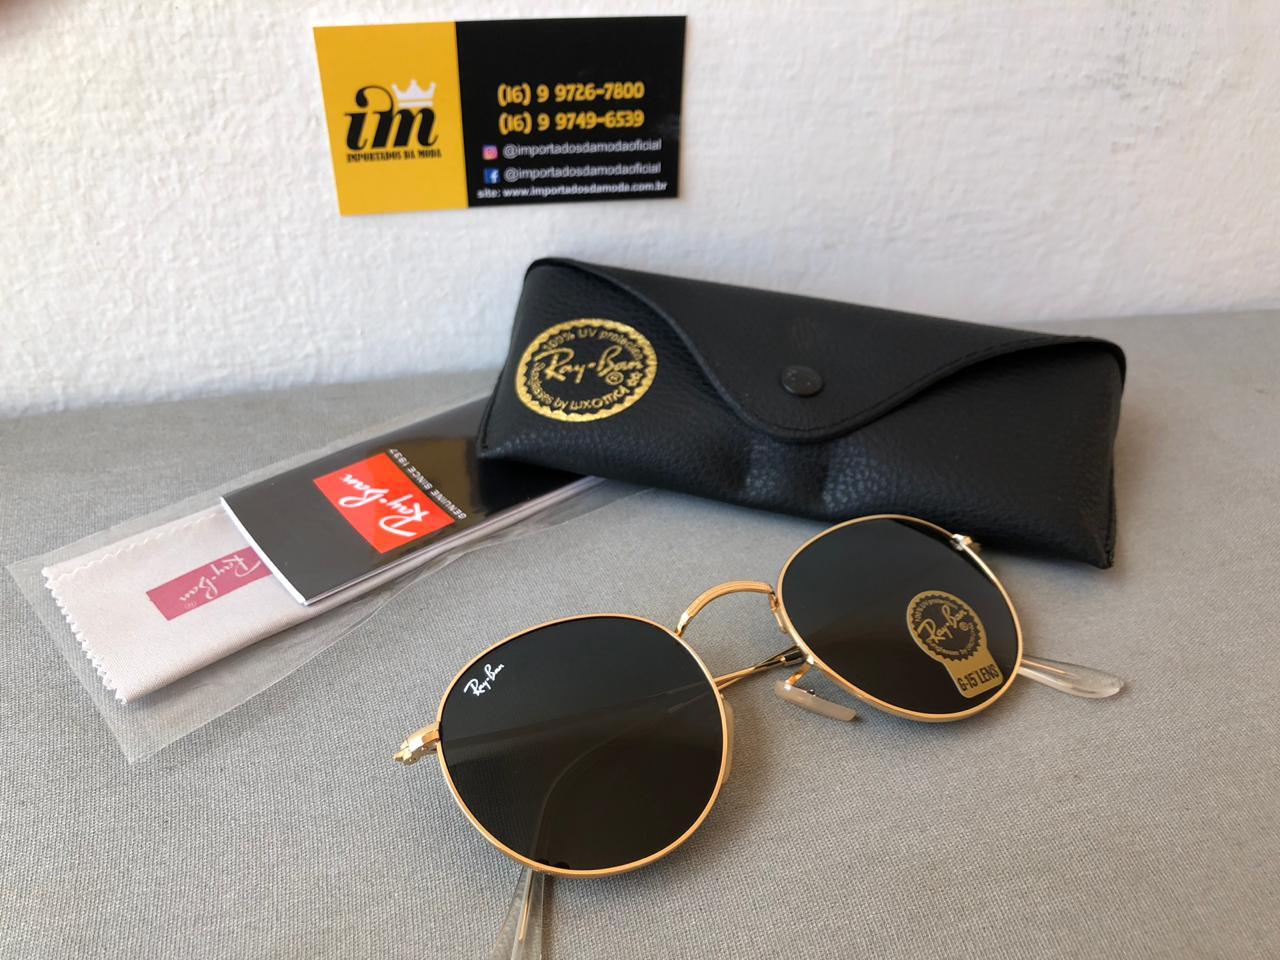 Ray Ban Round Dourado Preto Replica Primeira Linha Premium